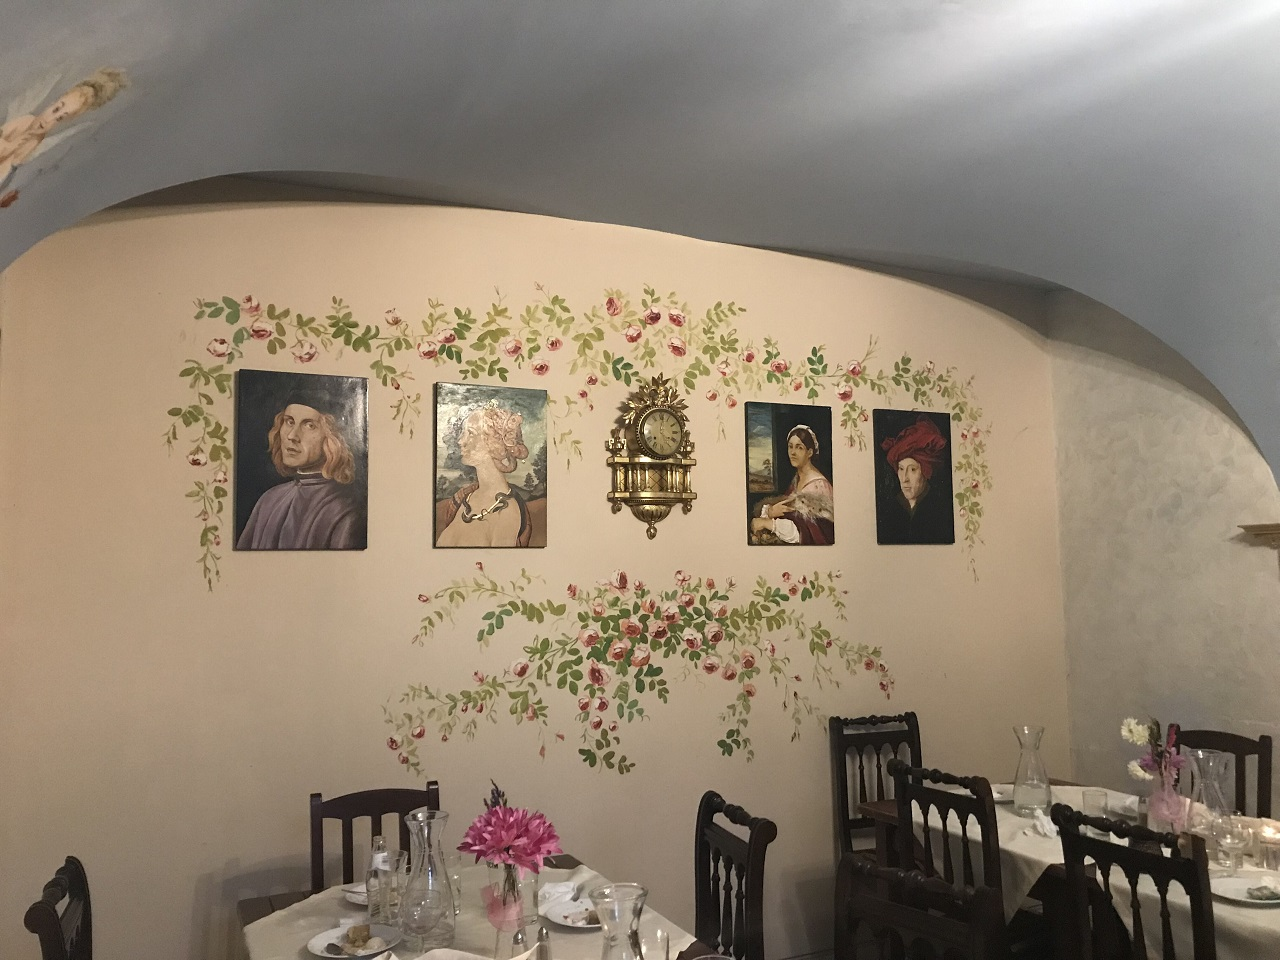 装飾が施されたレストラン店内